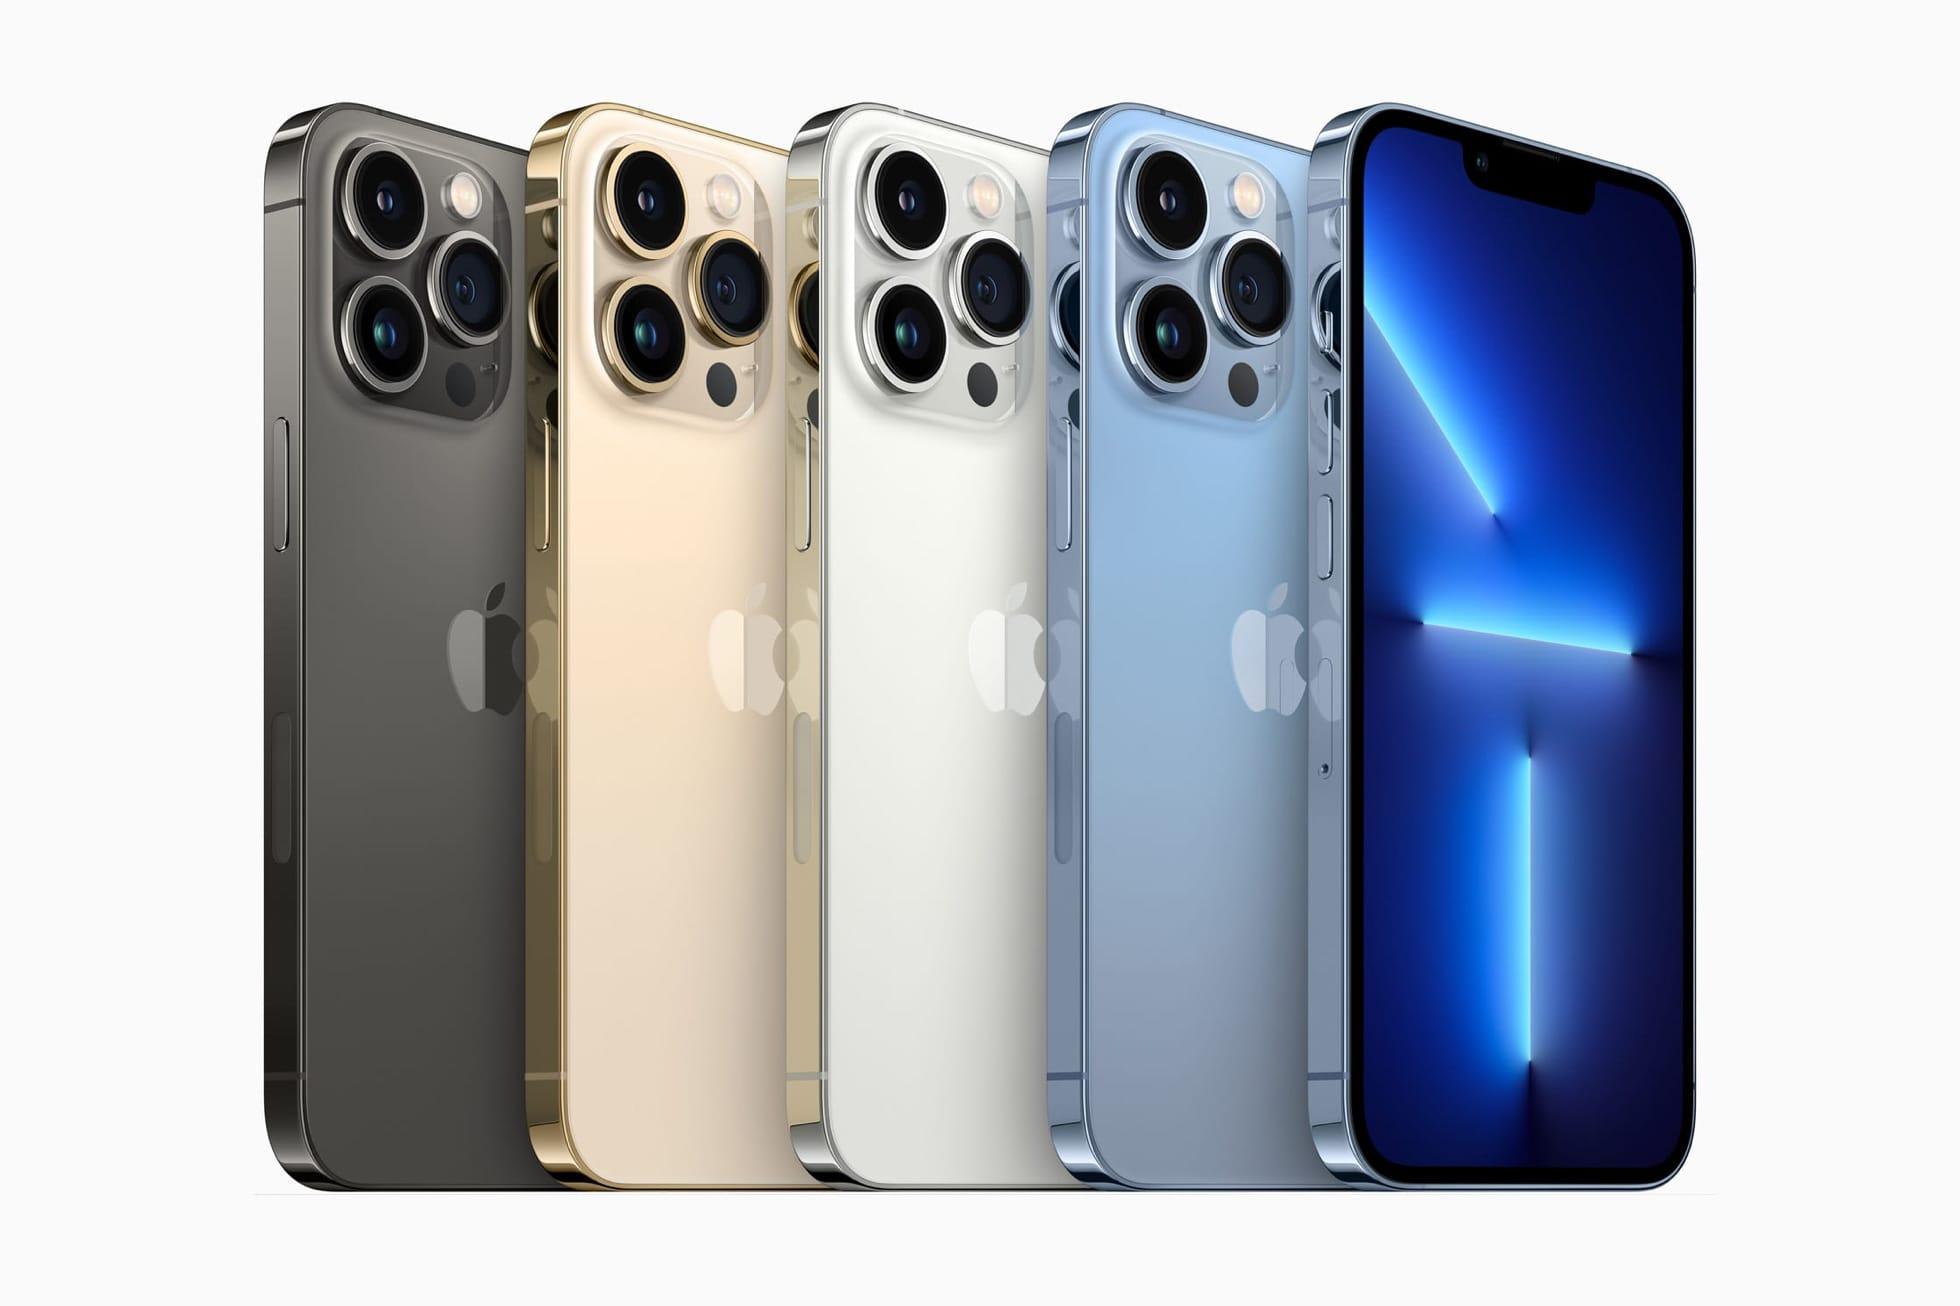 楽天モバイル、「iPhone 13」シリーズの価格発表